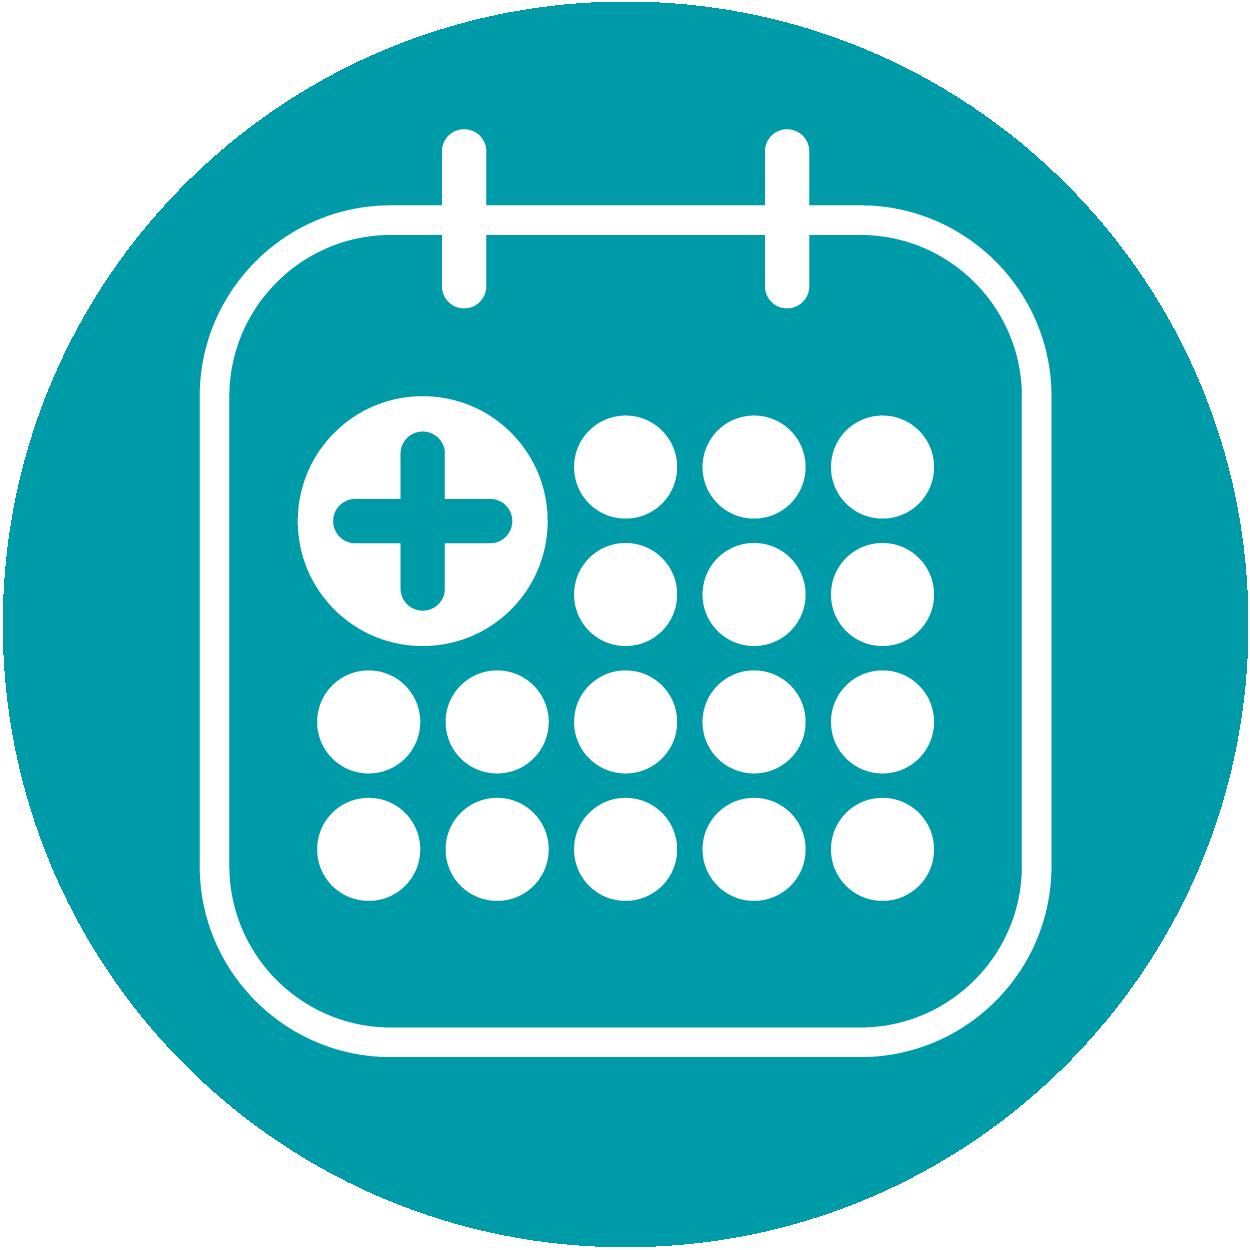 Ein Icon in Form eines Kalenders, es steht für die Dauer des Klinikaufenthaltes